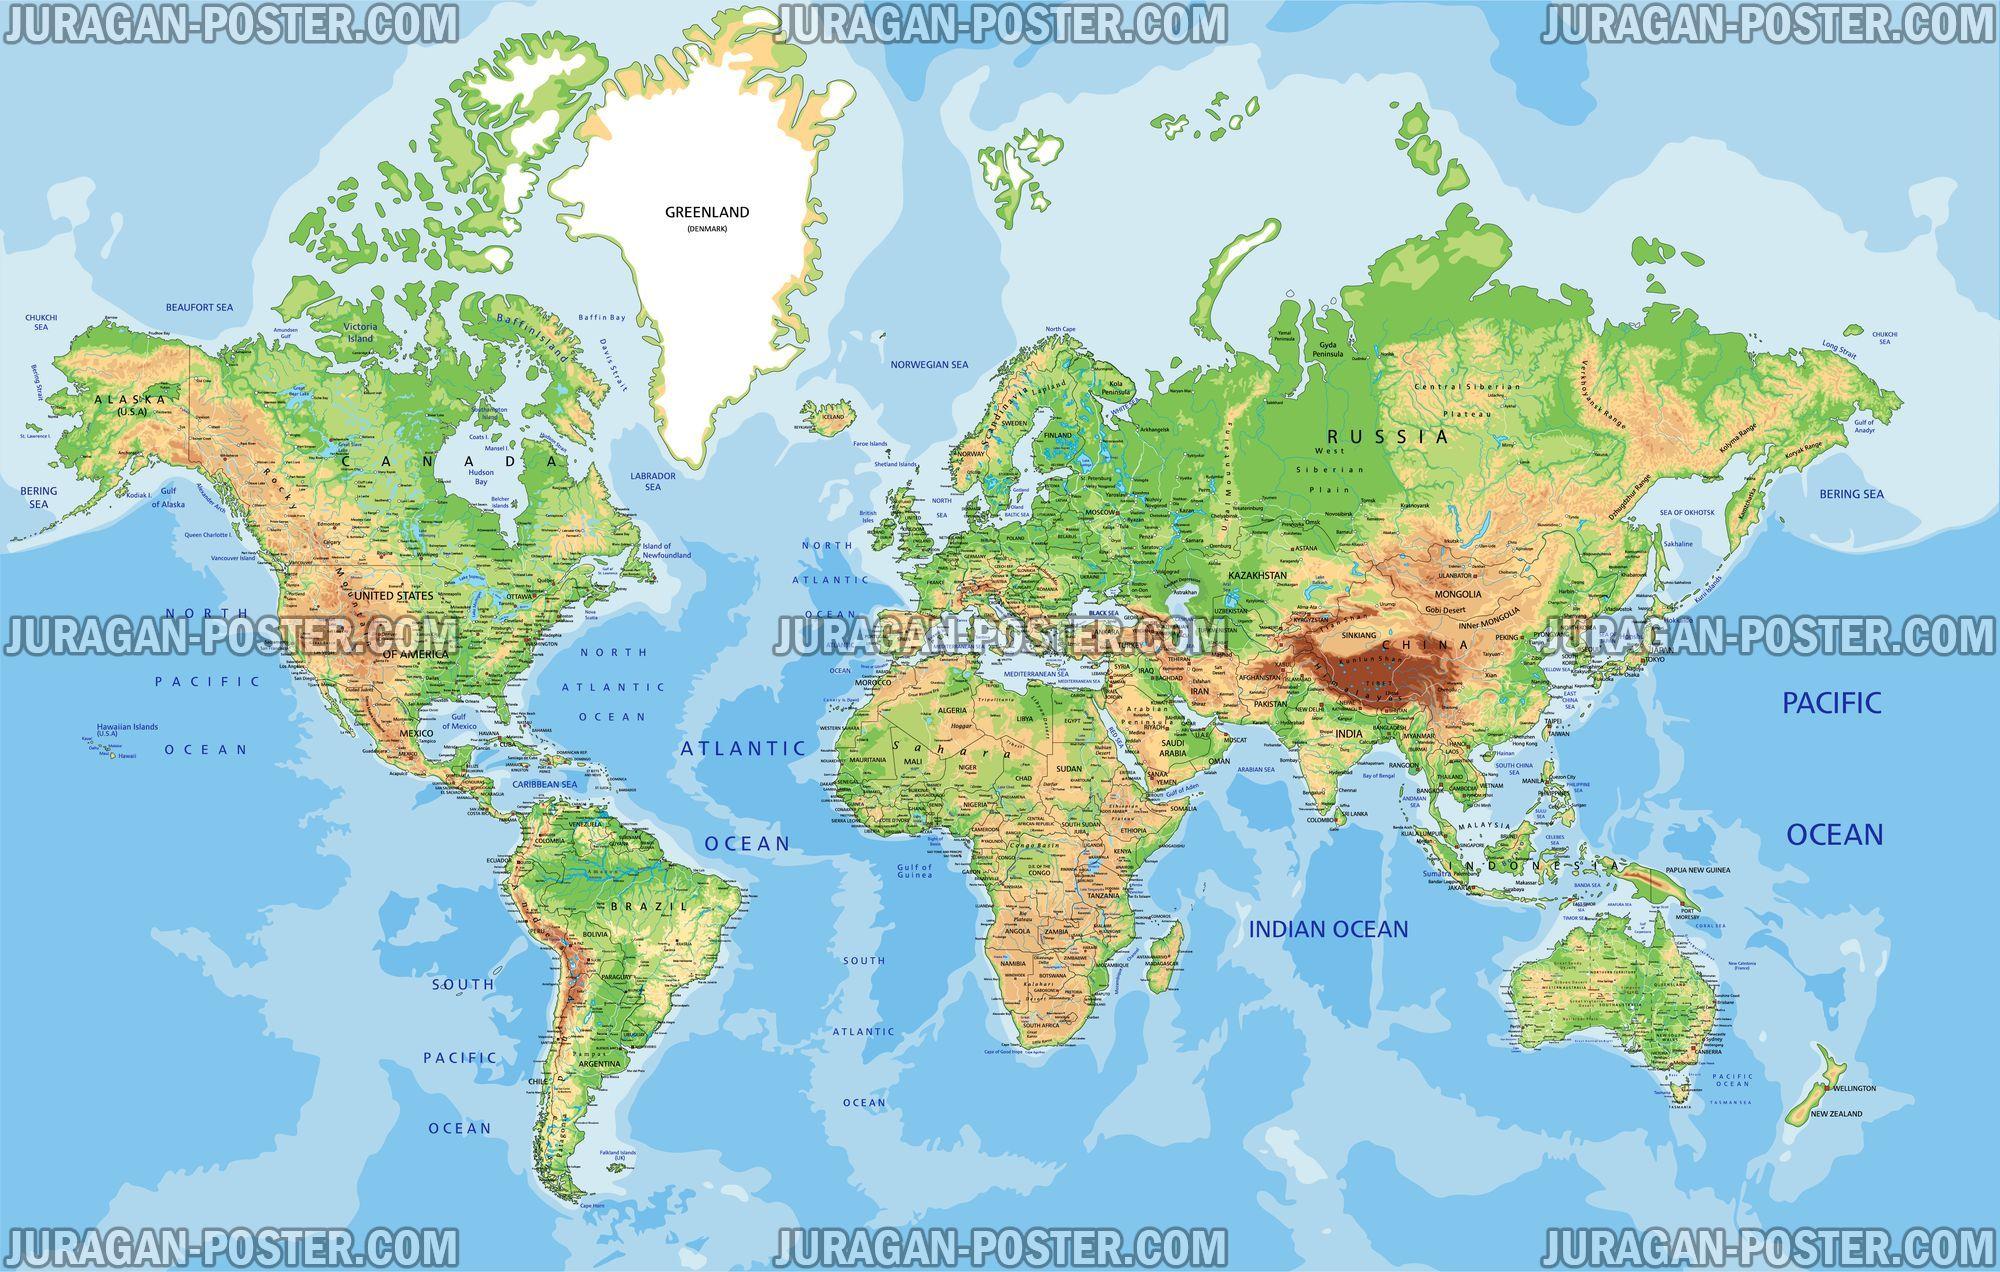 Jual peta dunia ukuran besar info lebih lanjut klik pada gambar jual peta dunia ukuran besar info lebih lanjut klik pada gambar jual peta gumiabroncs Image collections